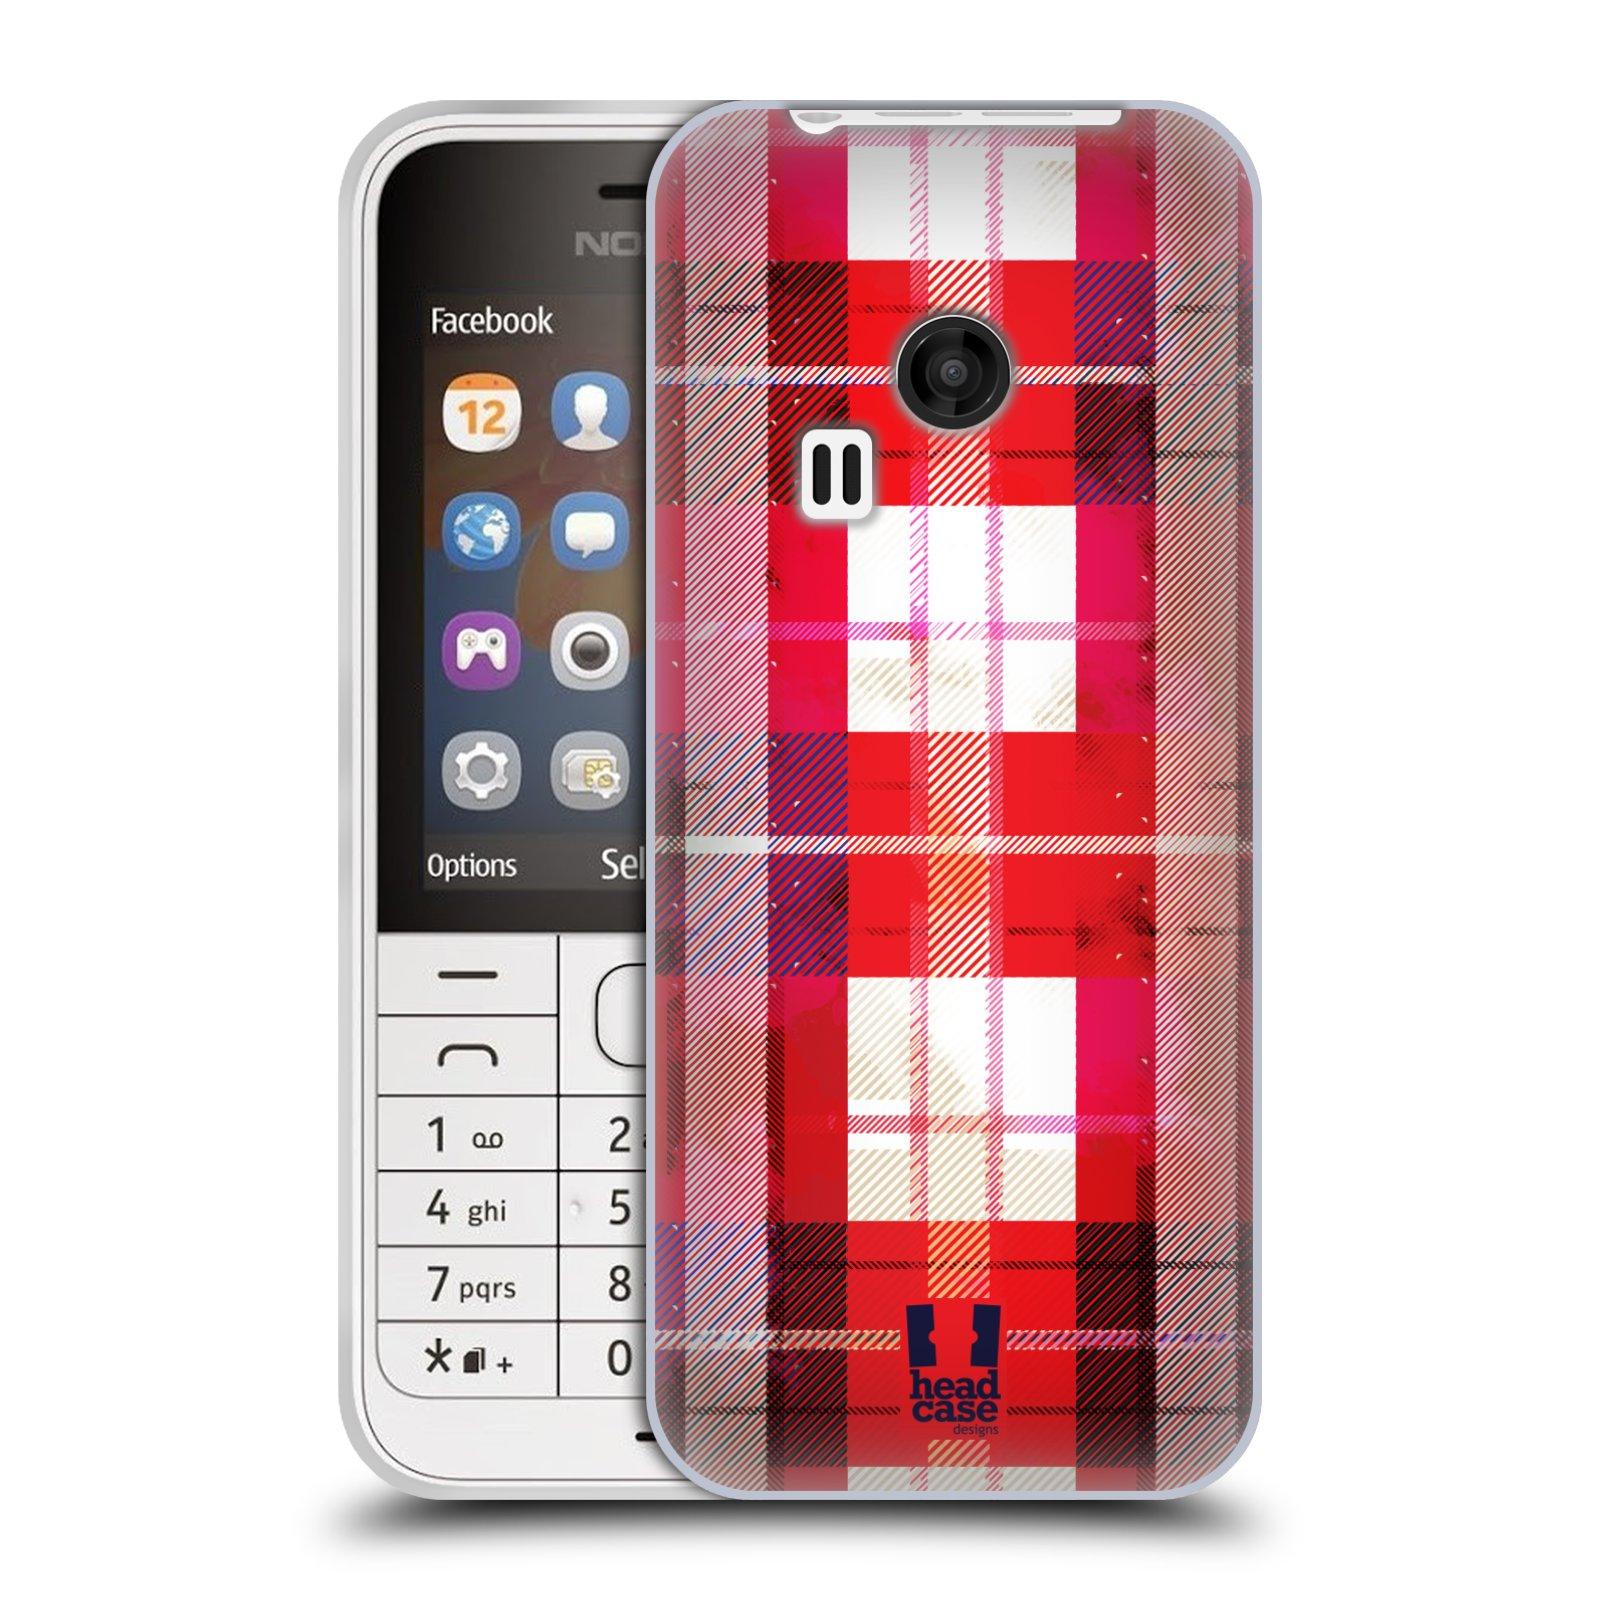 Silikonové pouzdro na mobil Nokia 220 HEAD CASE FLANEL RED (Silikonový kryt či obal na mobilní telefon Nokia 220 a 220 Dual SIM)